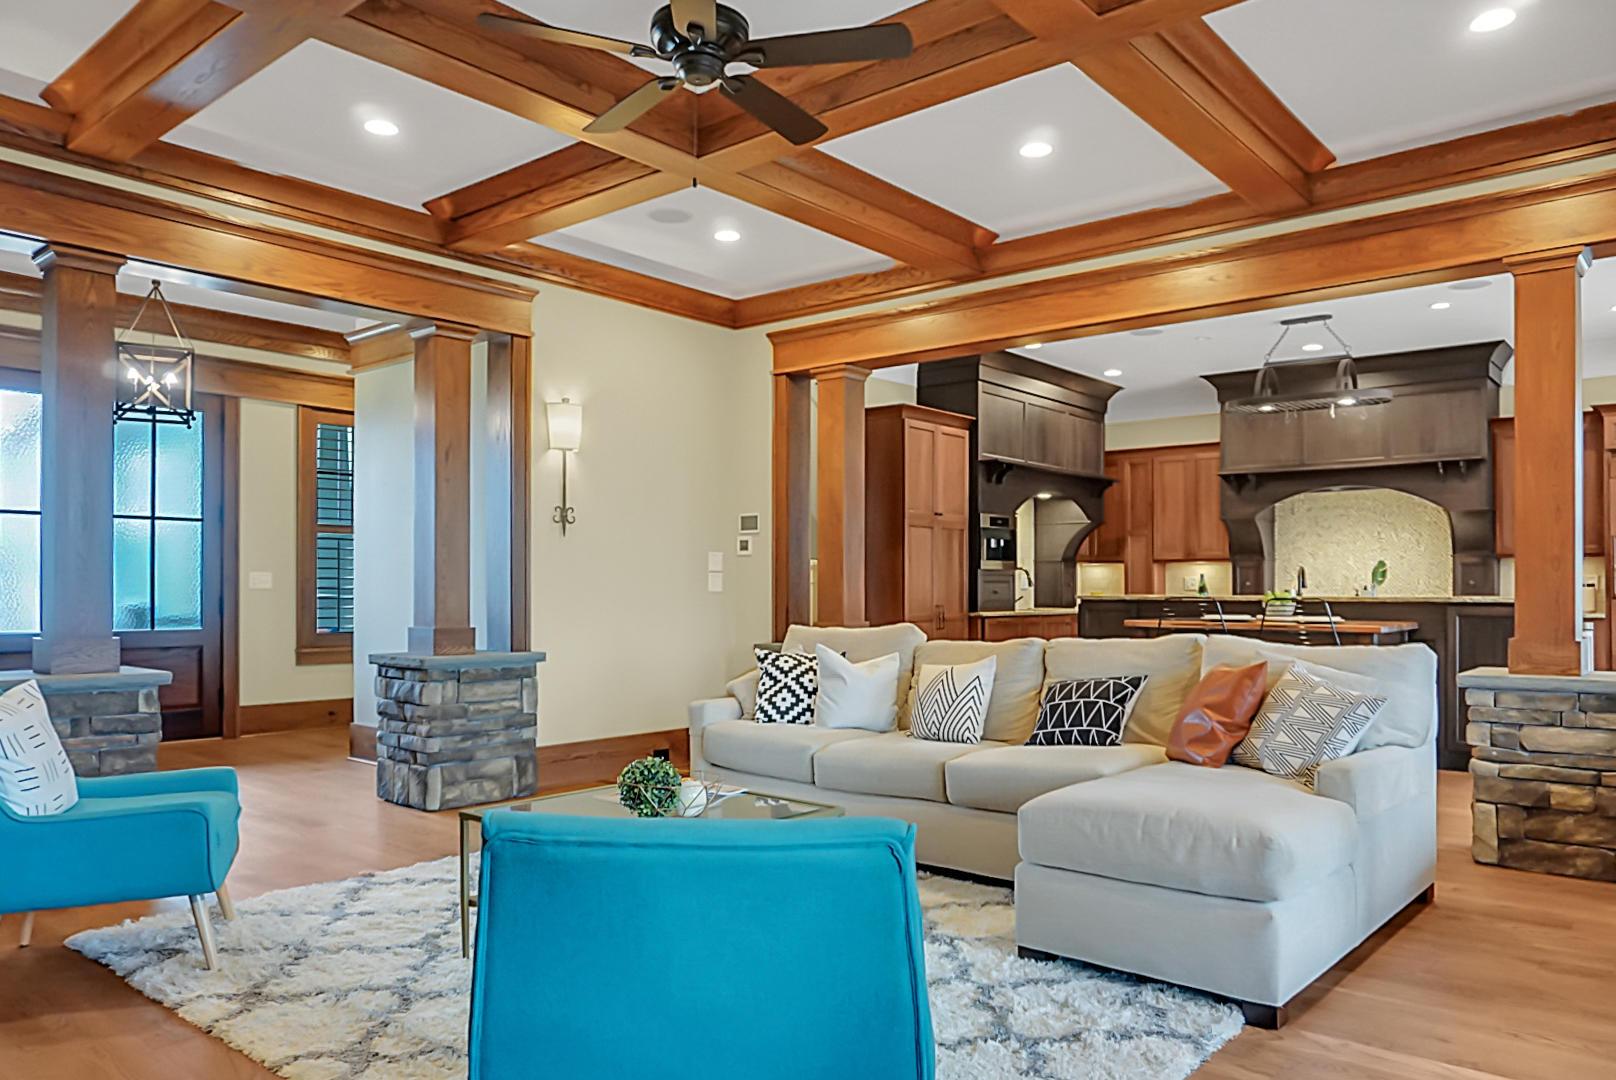 Dunes West Homes For Sale - 2978 River Vista, Mount Pleasant, SC - 49